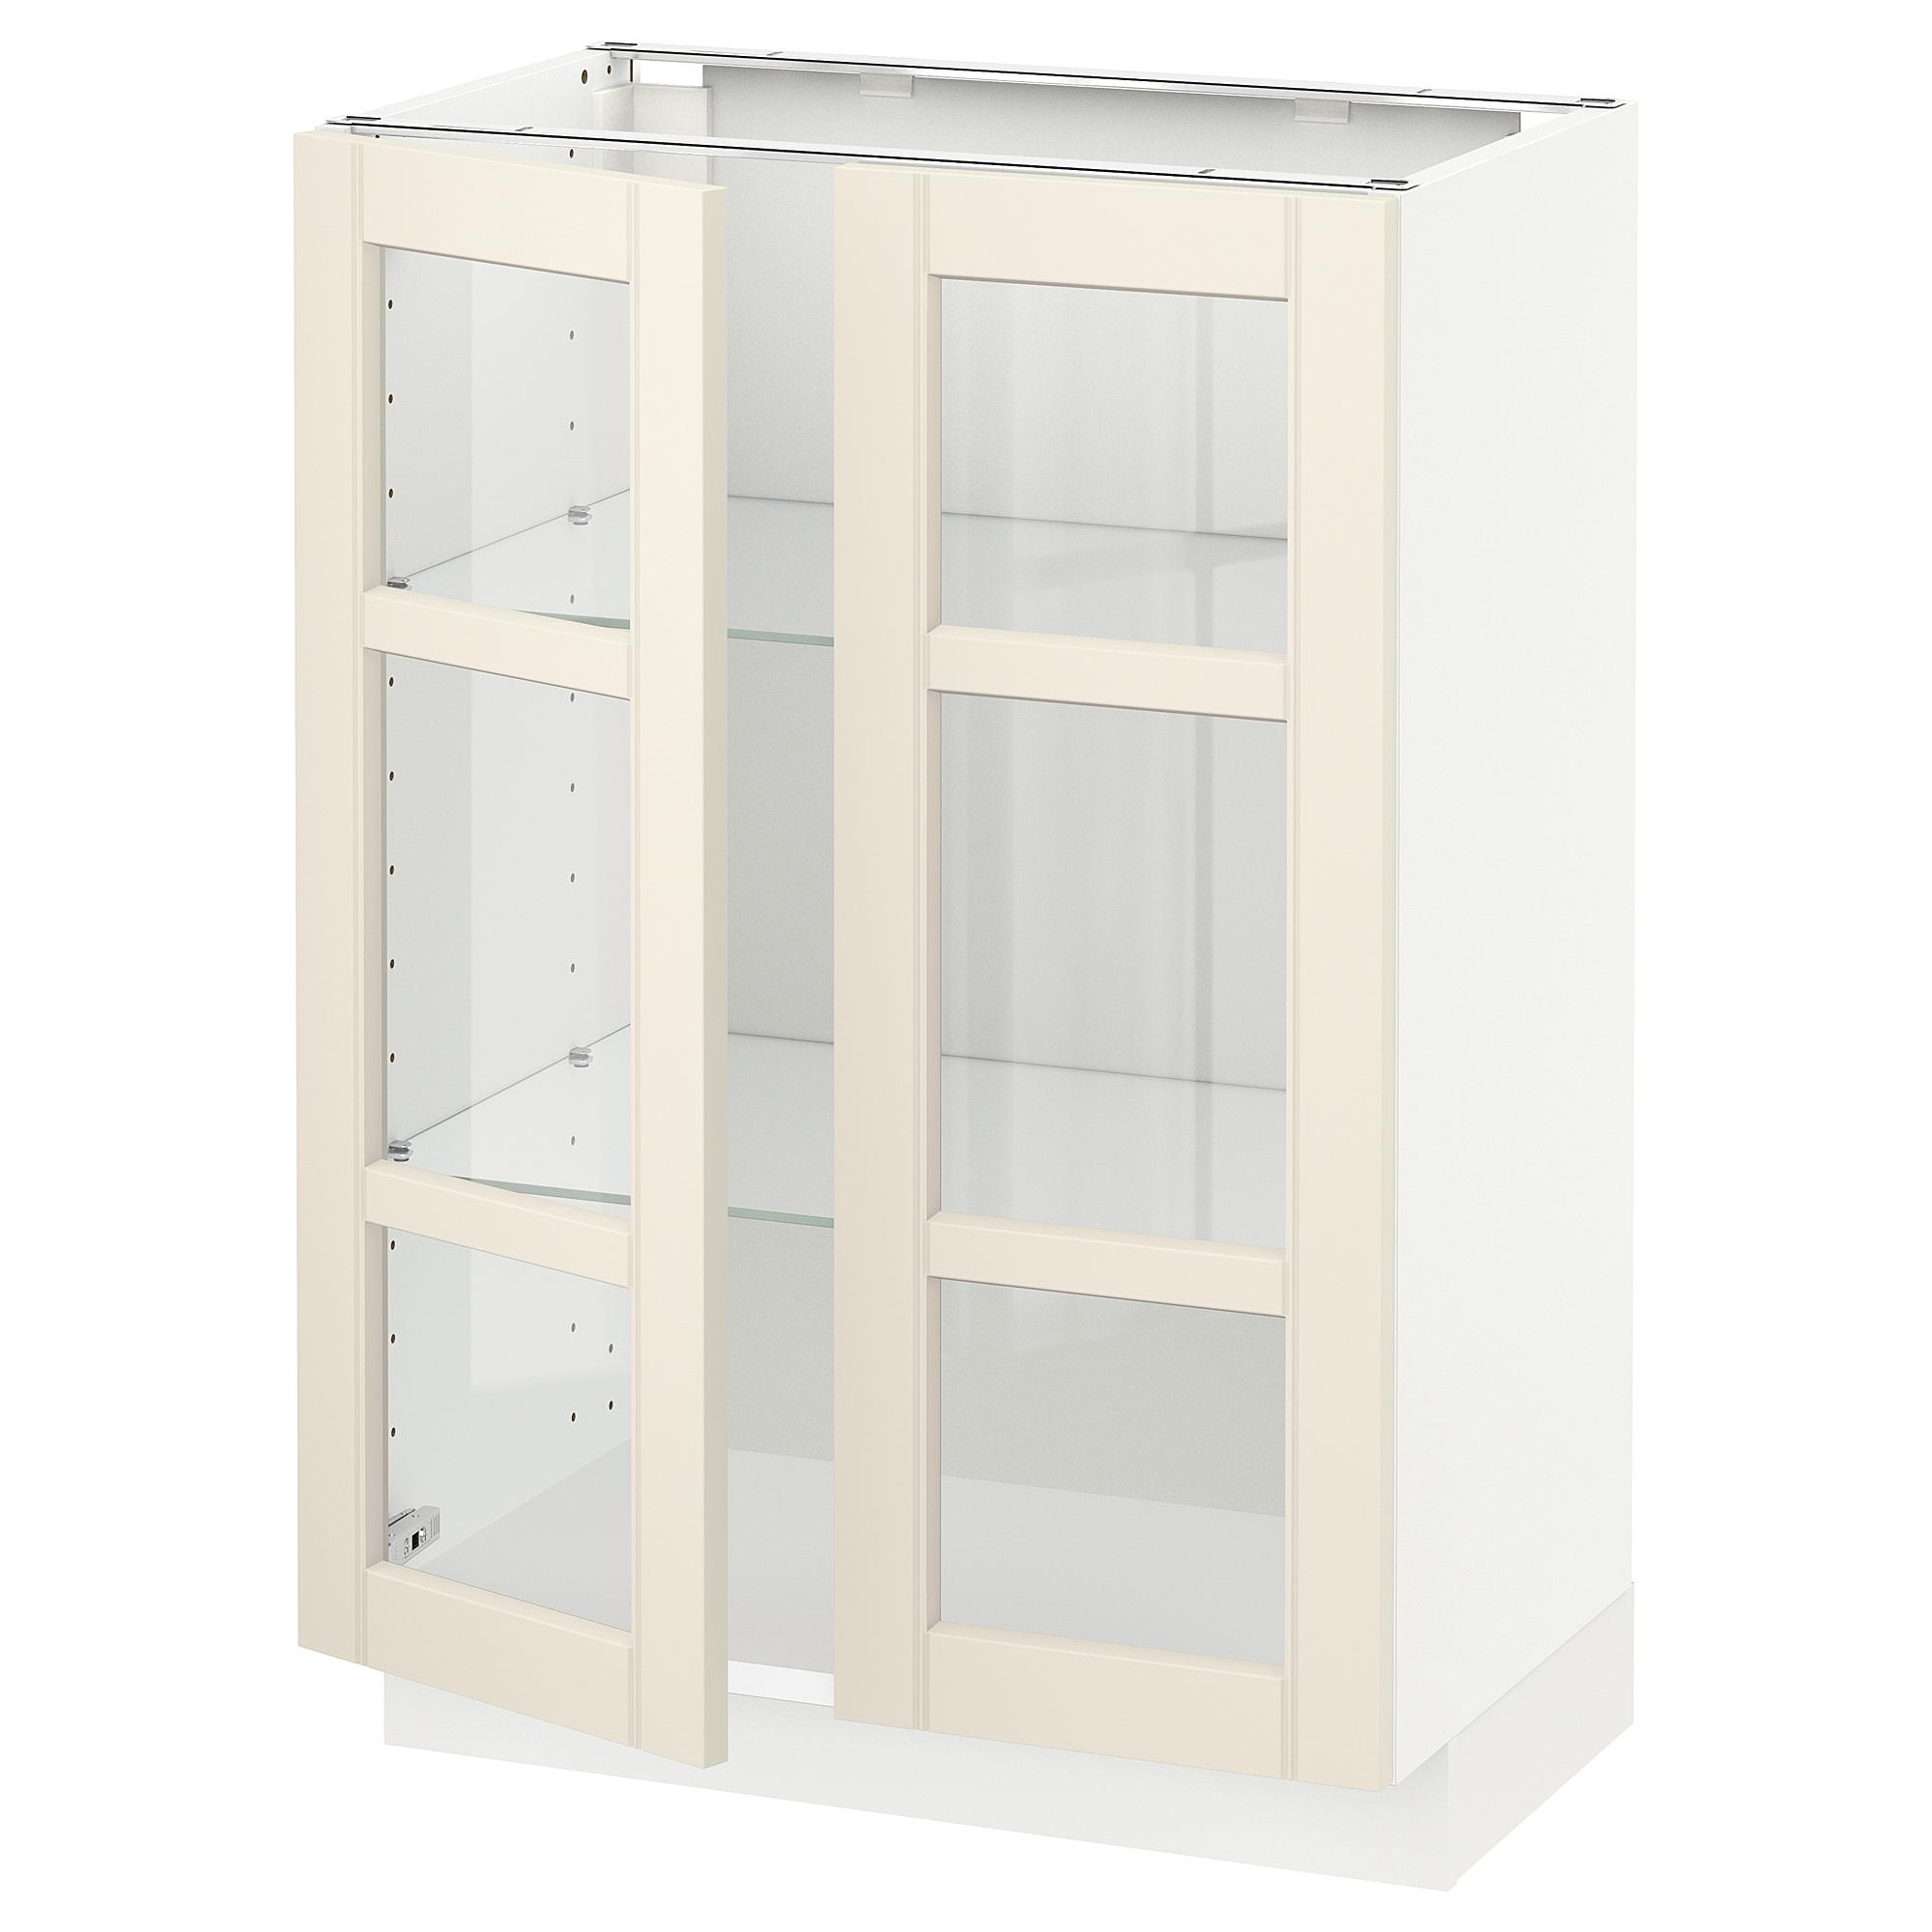 Напольный шкаф с 2 стекло дверцами МЕТОД белый артикуль № 992.404.40 в наличии. Онлайн магазин IKEA Республика Беларусь. Недорогая доставка и соборка.